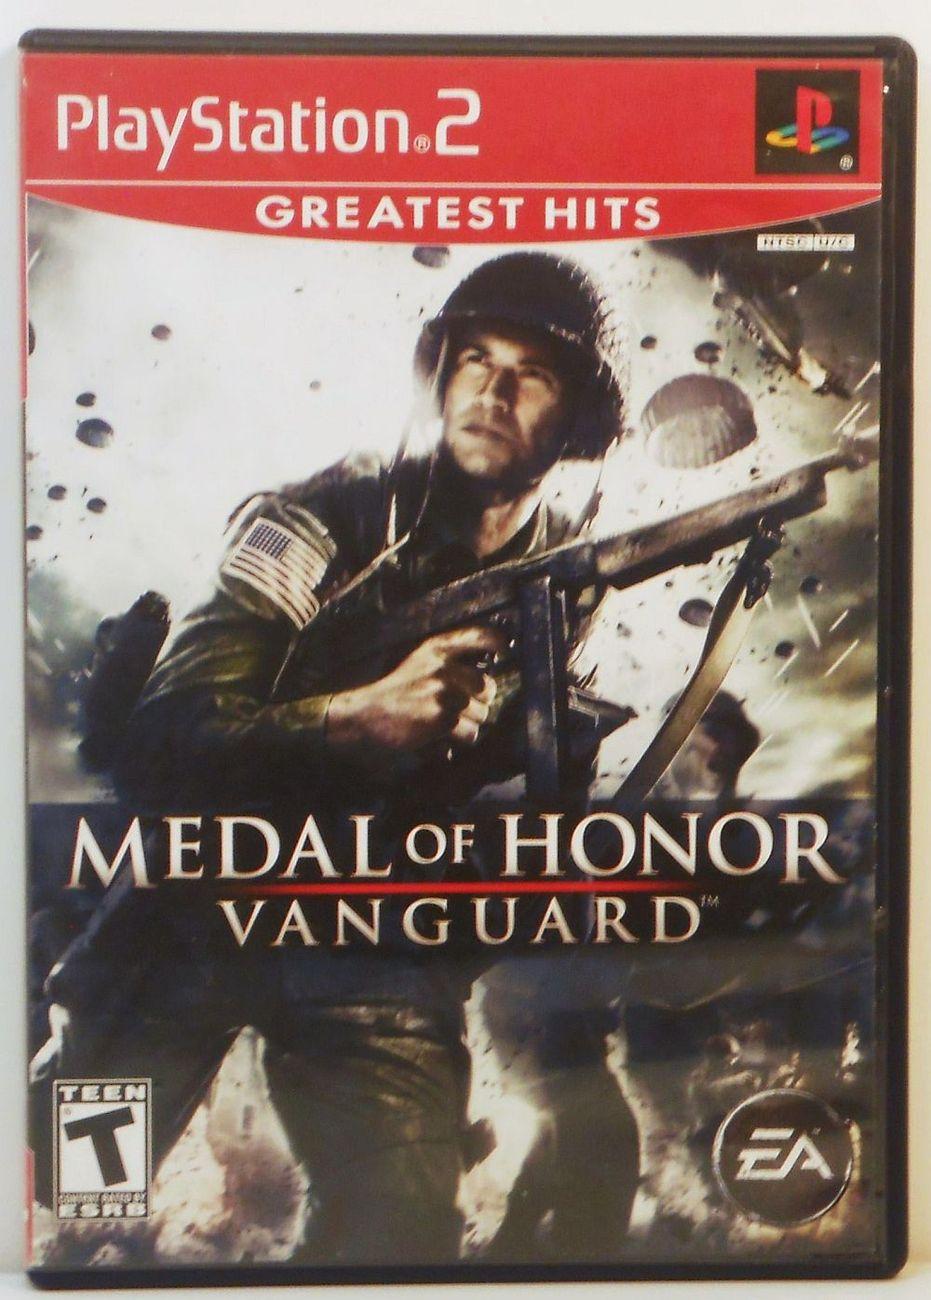 Ps2 vanguard moh 1